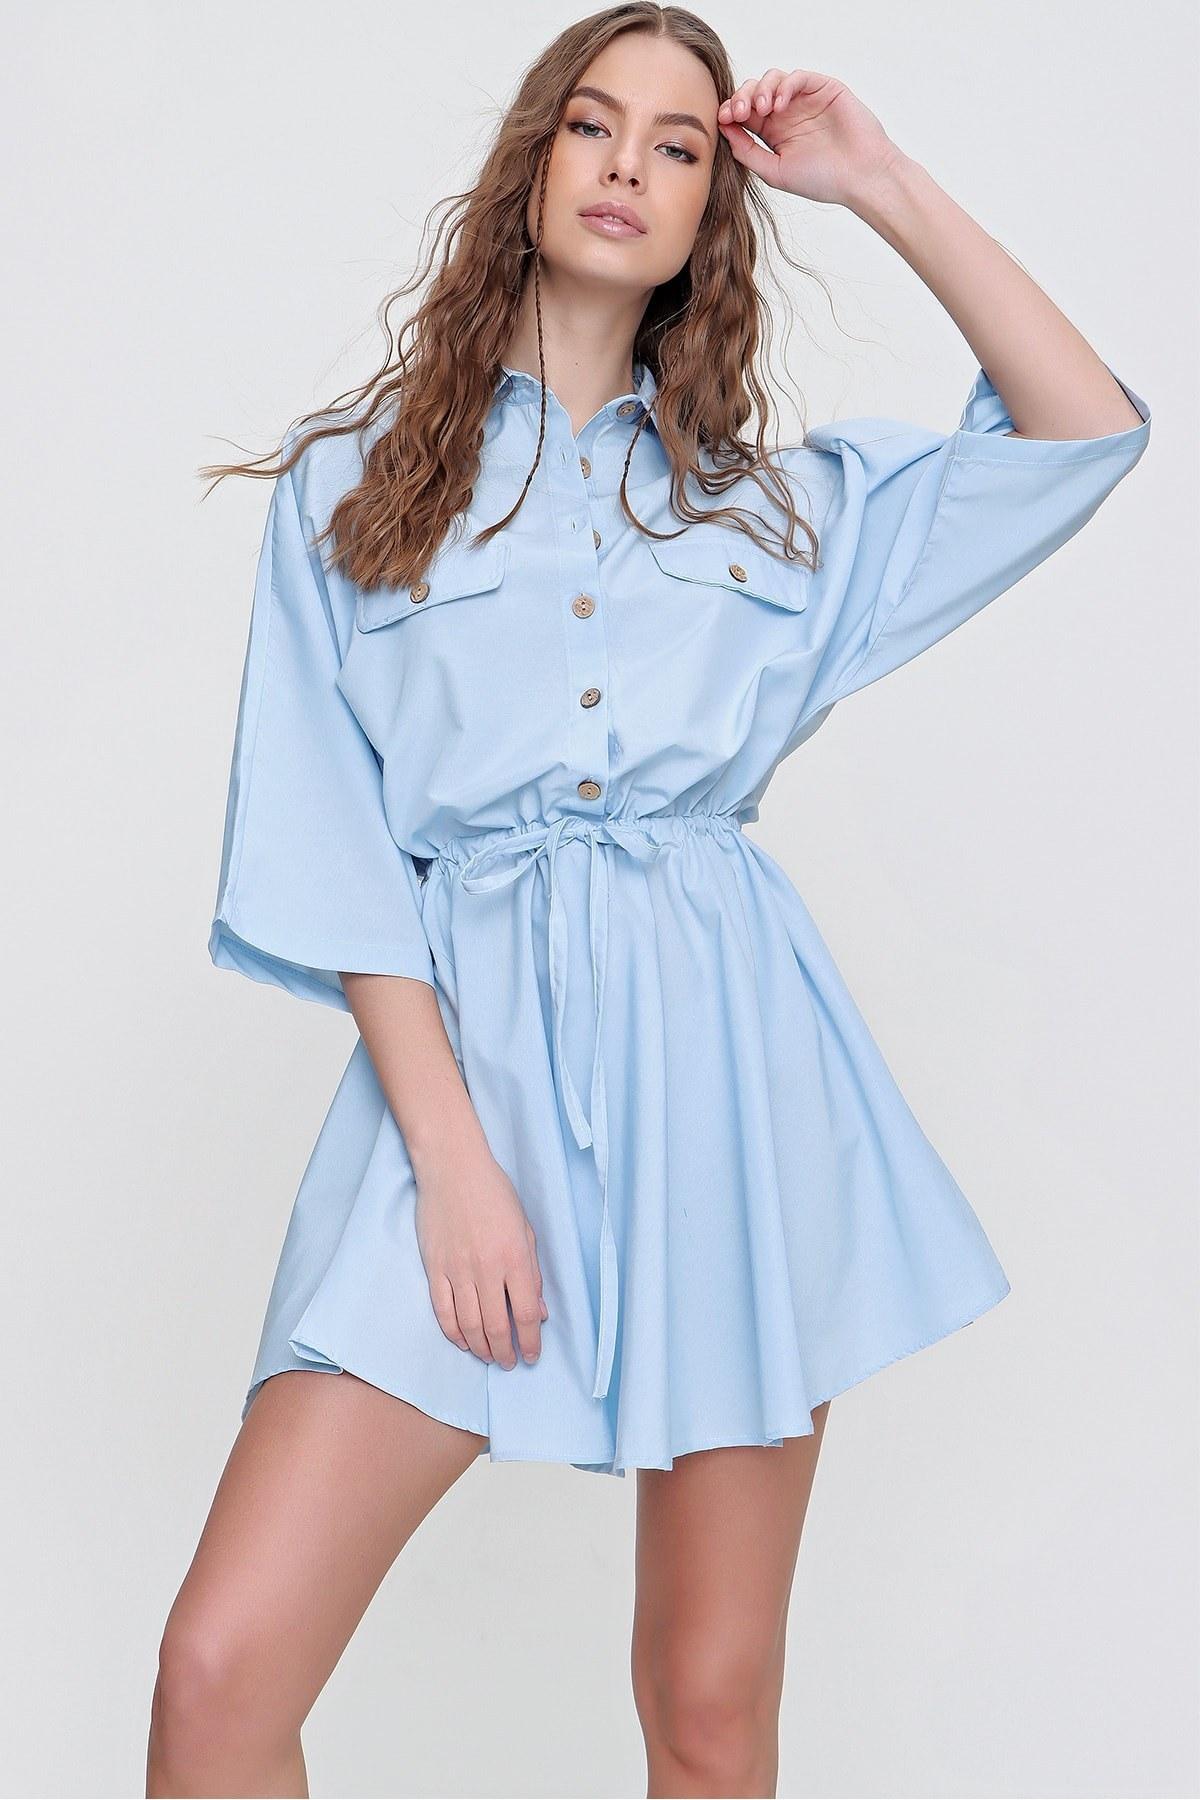 تصویر پیراهن زنانه بافته شده آبی برند Trend Alaçatı Stili کد 1618032352